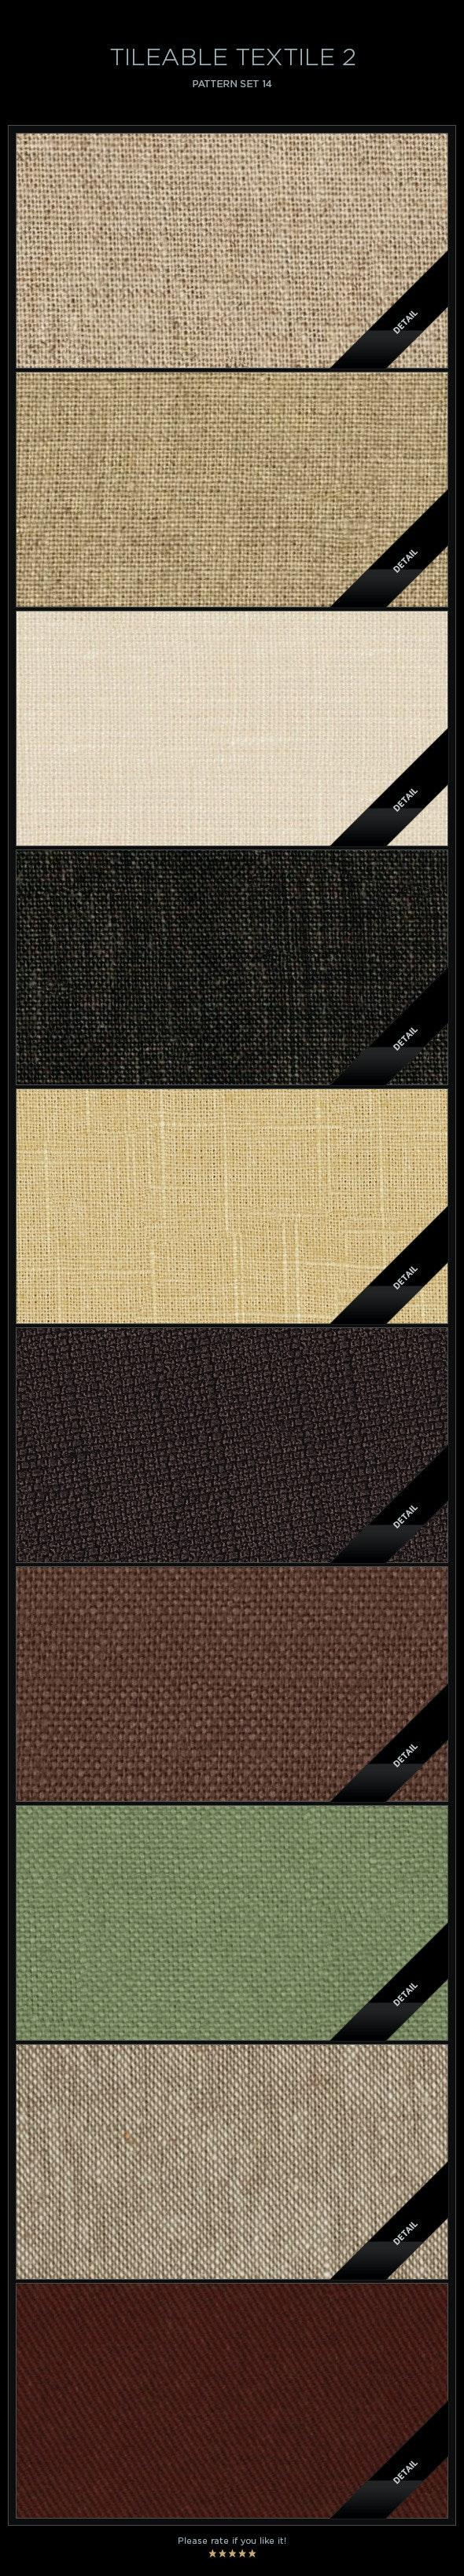 10 Tileable Textile-2 Textures/Patterns - Miscellaneous Textures / Fills / Patterns